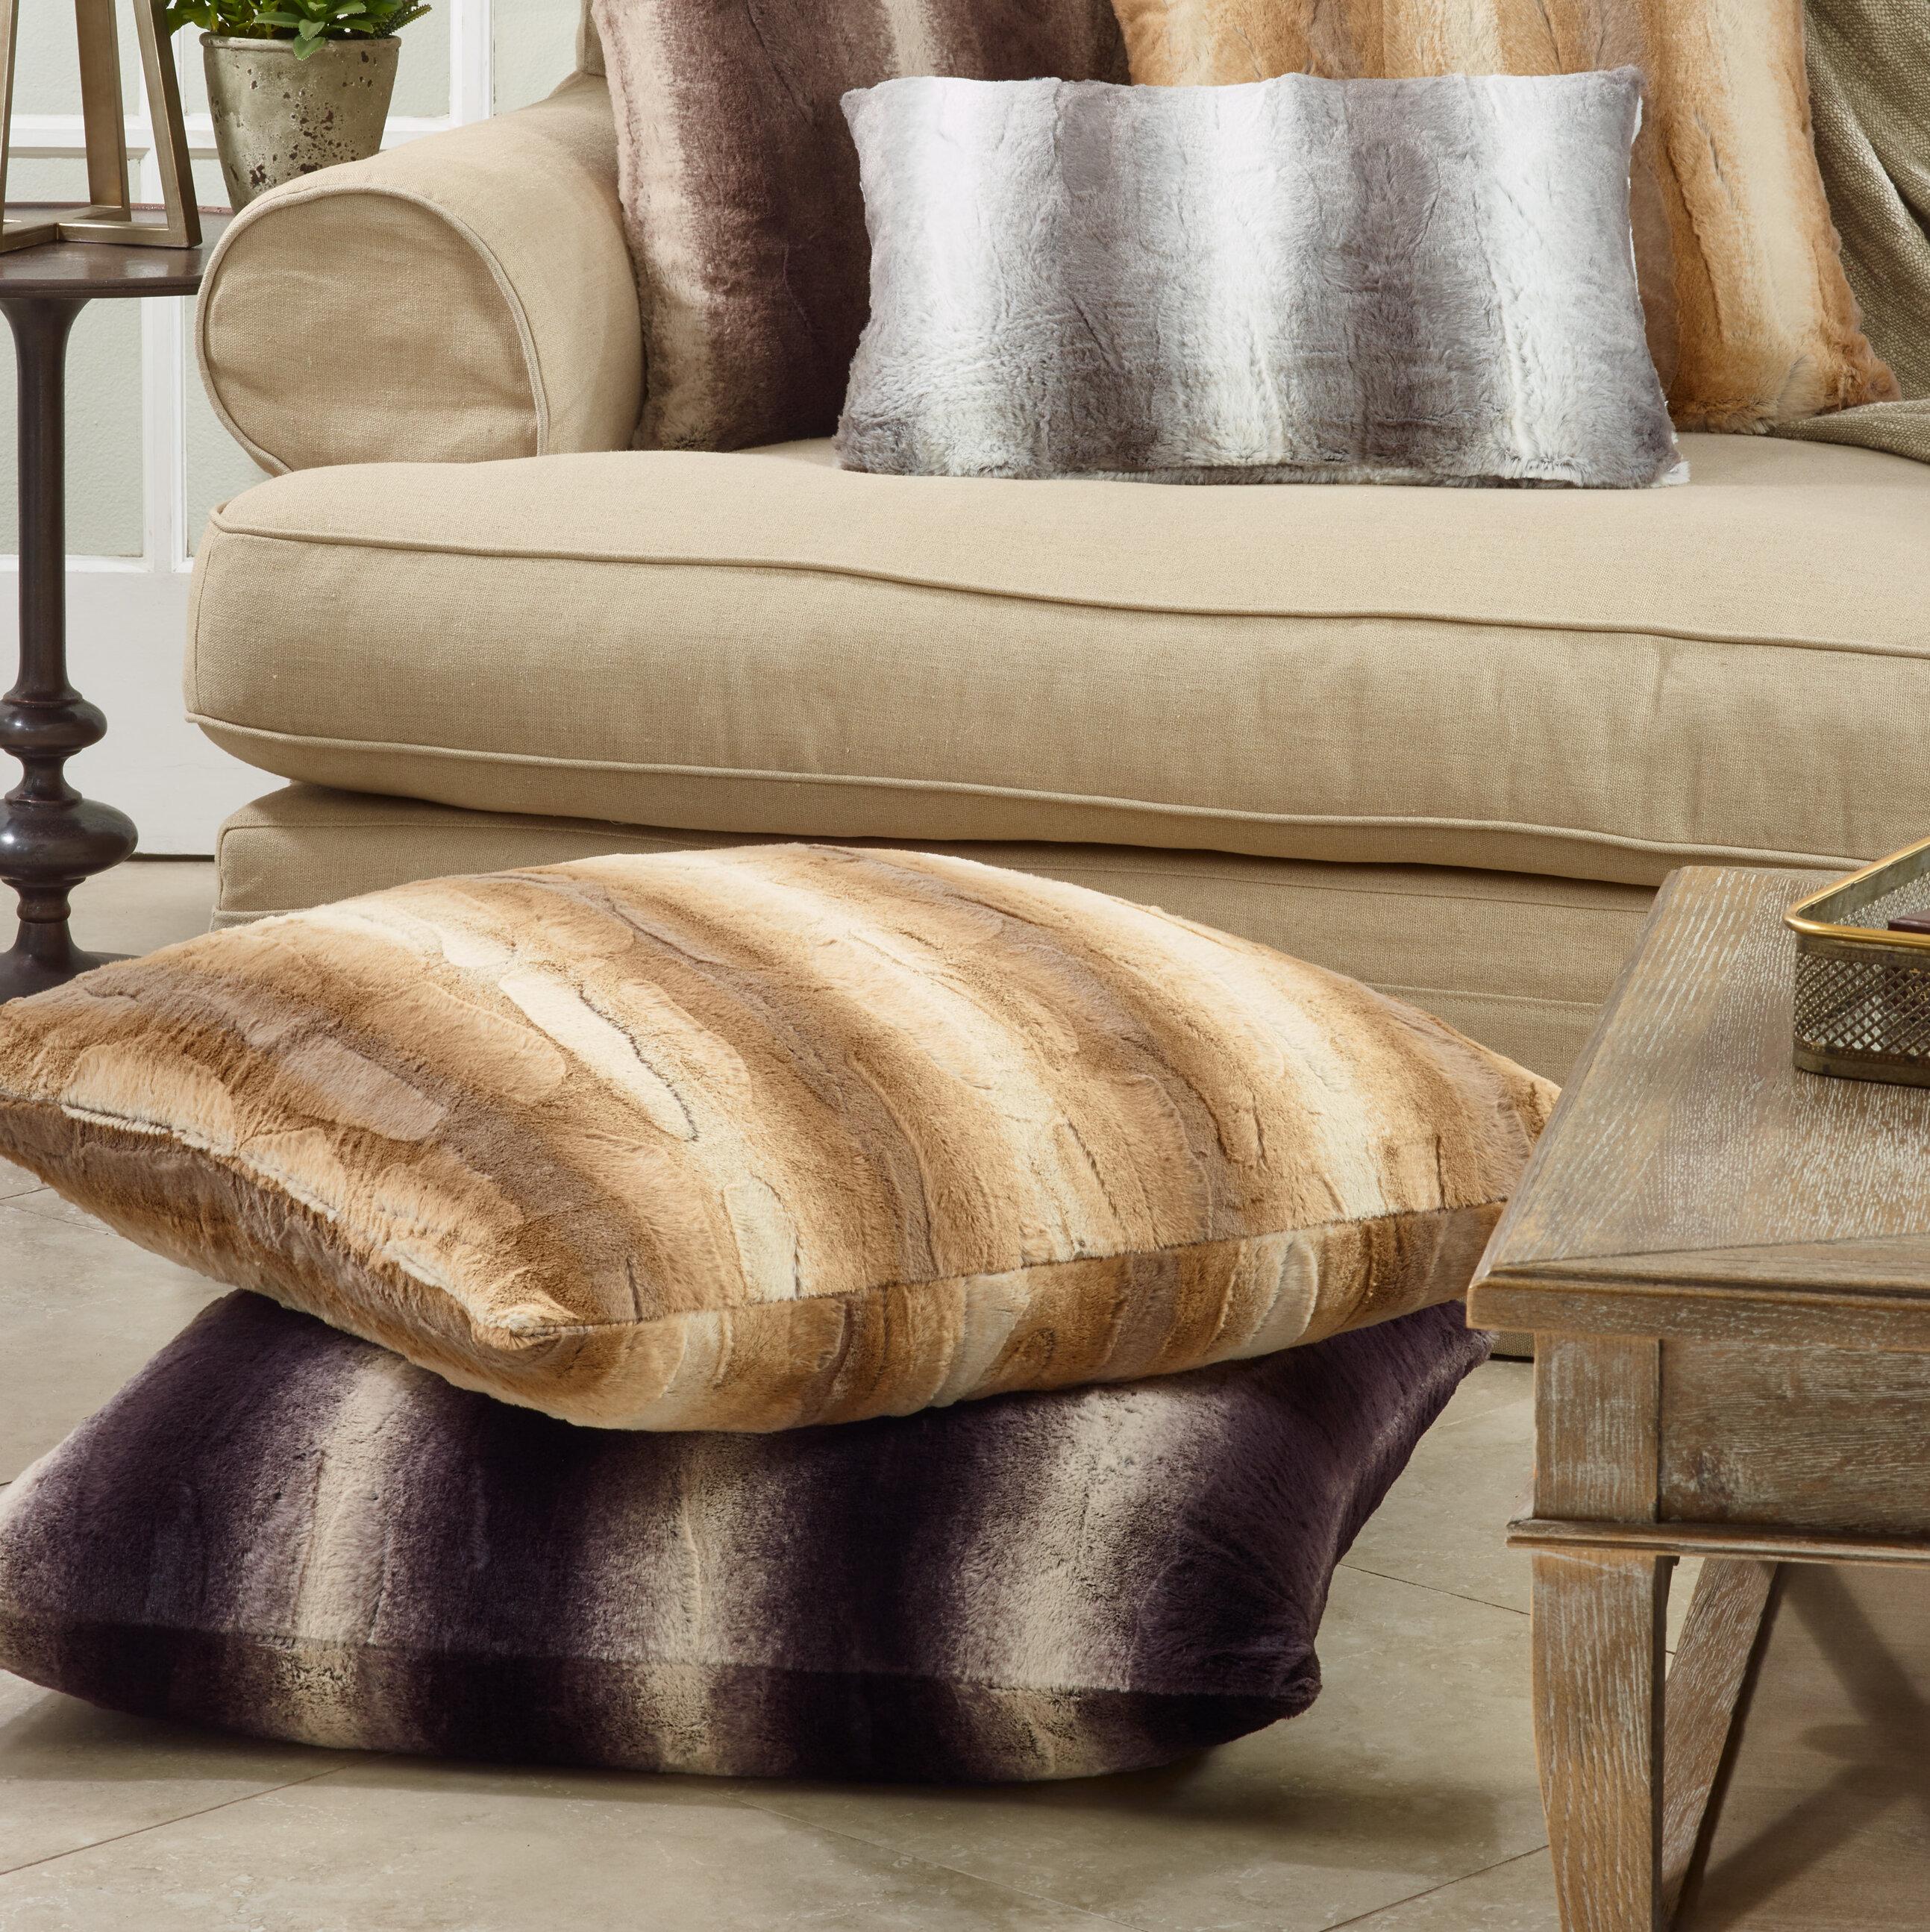 Millwood Pines Margaret Animal Print Decorative Lumbar Pillow Reviews Wayfair